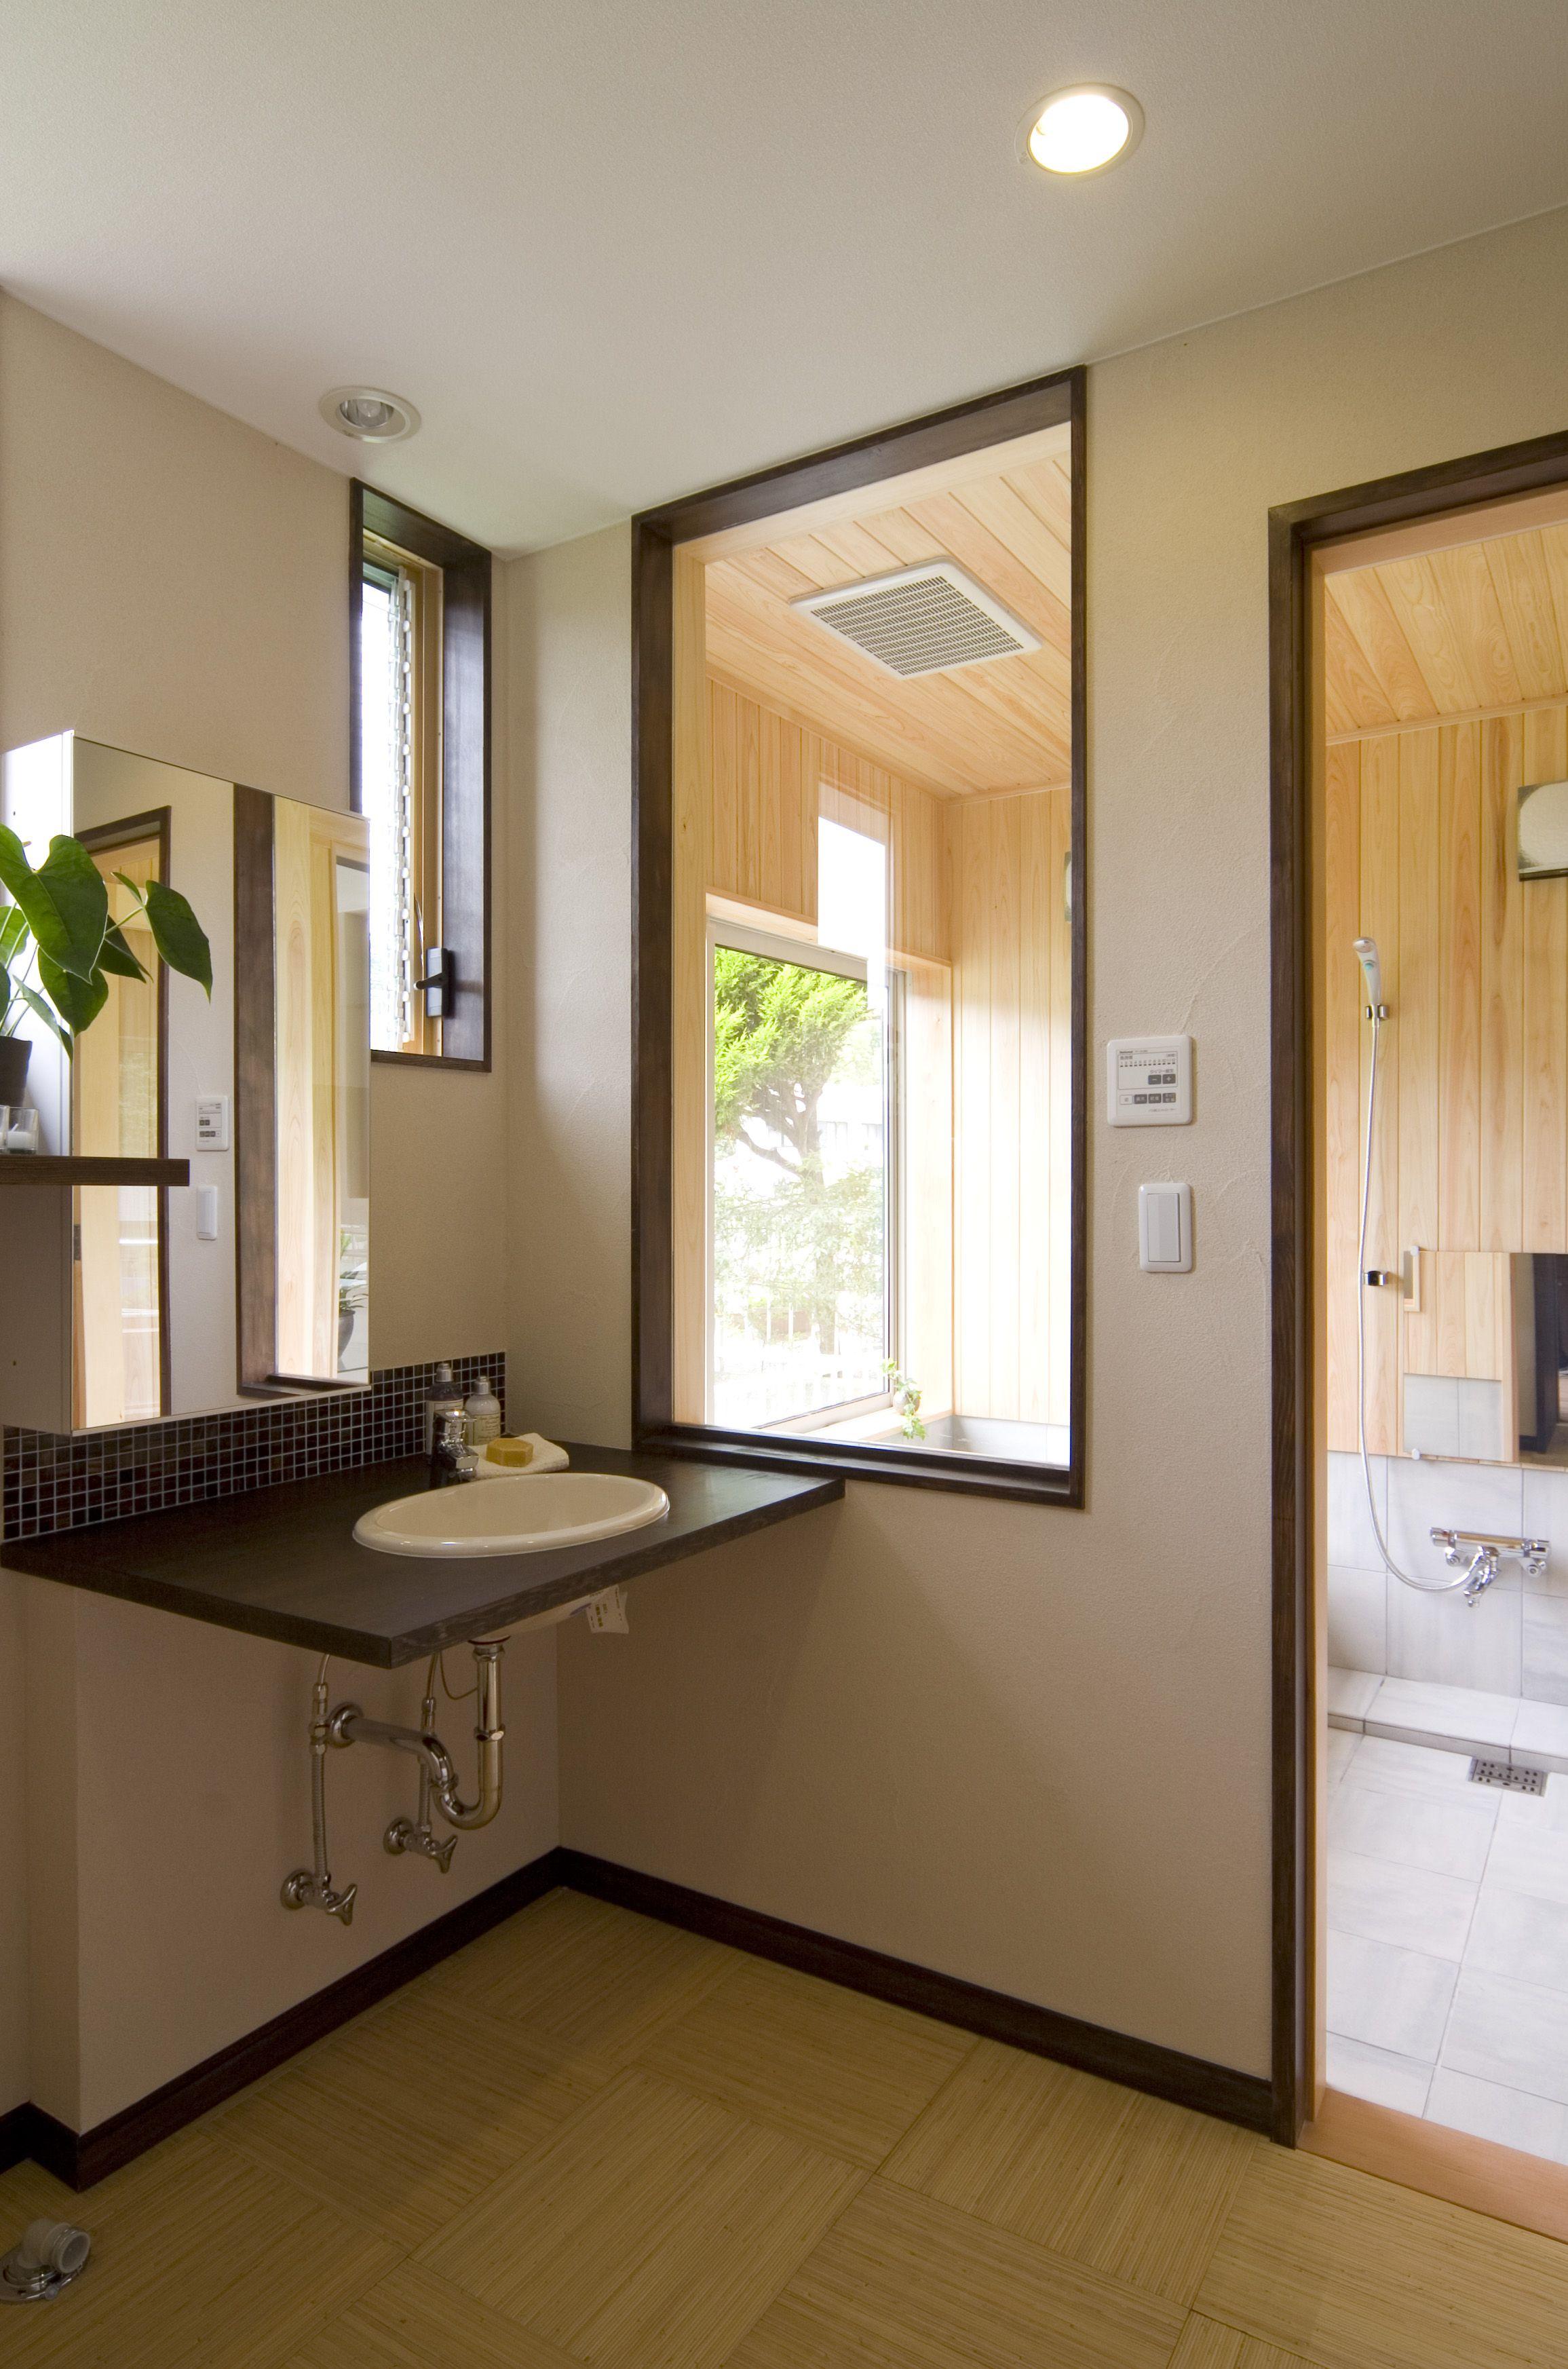 リフォーム 窓越しから山々の緑が広がるゆとりある水廻りと浴室 温泉気分が毎日楽しめます 洗面台 新進建設の大改造